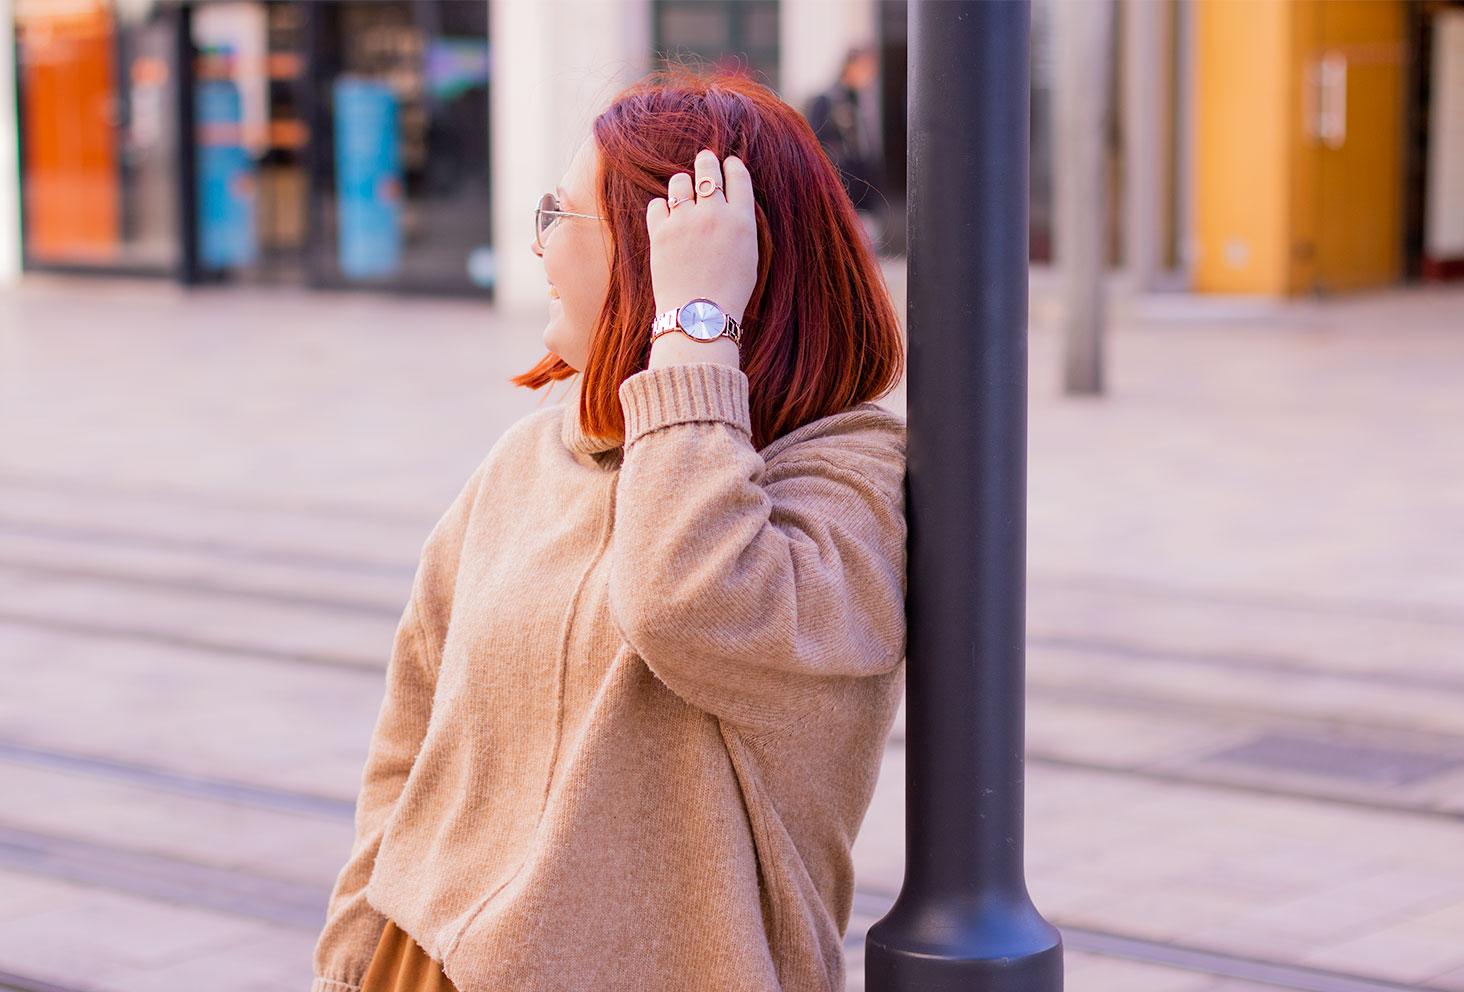 Appuyée de dos contre un poteau, au milieu de la rue, la main dans les cheveux avec la montre dorée Trendy Kiss au poignet